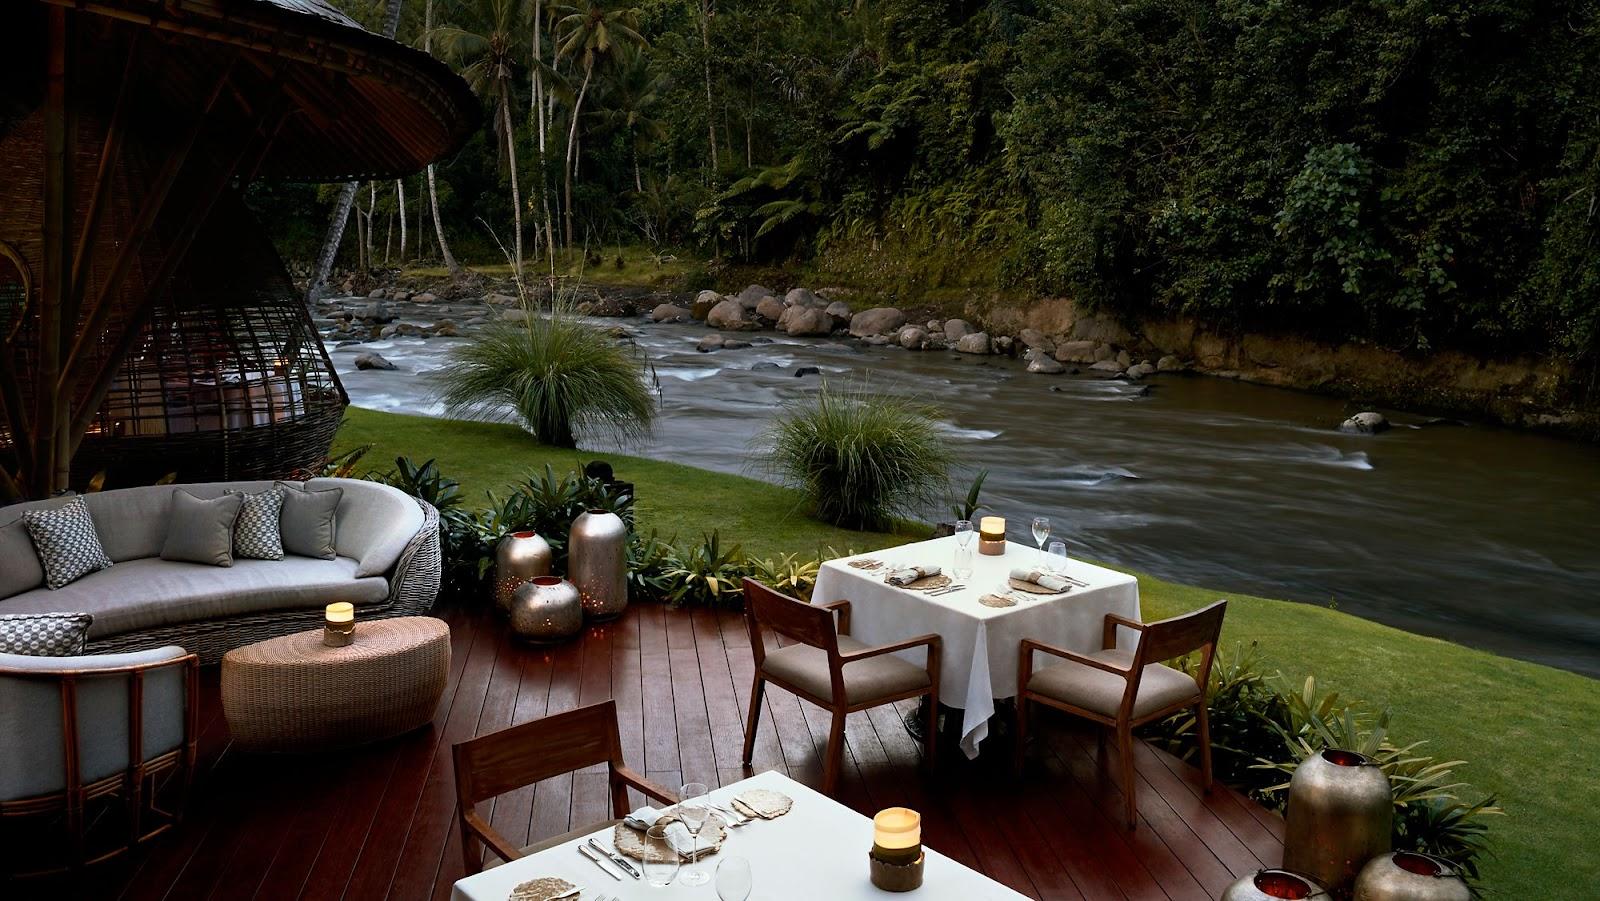 Best Mediterranean restaurants in Bali